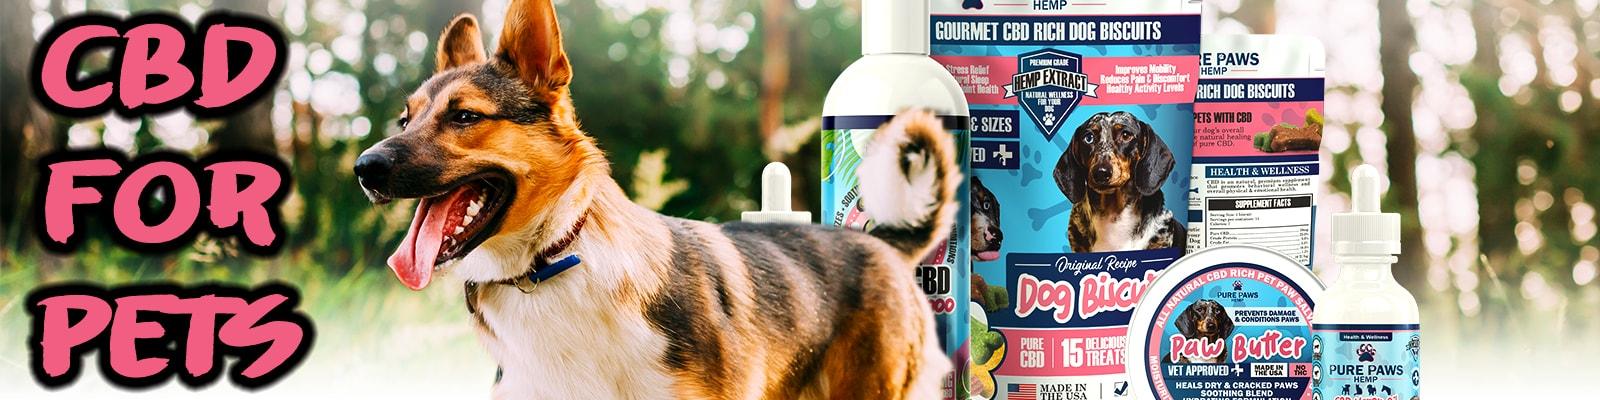 pure paws bundle cbd for pets